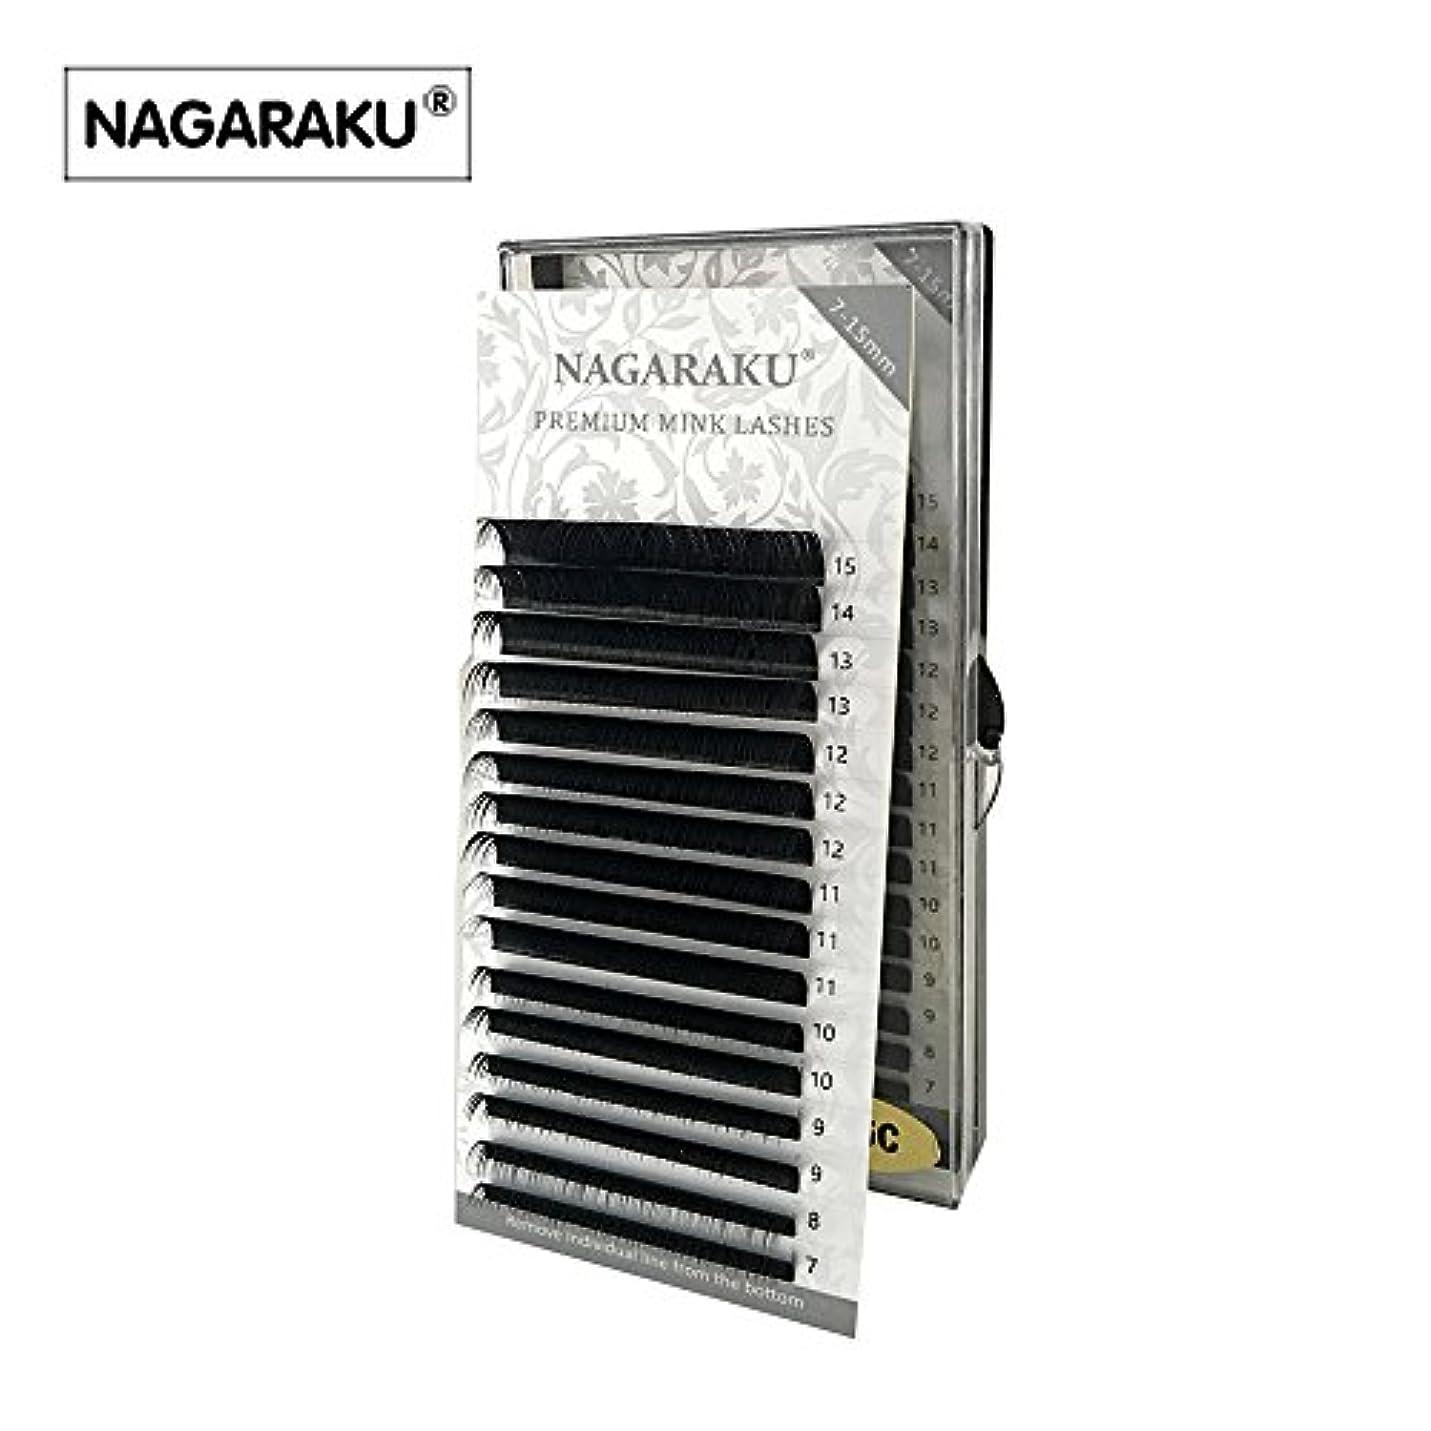 精神医学オフェンスアイデアNAGARAKU 太さ0.15mm Dカール 7~15mmミックス まつ毛エクステンション